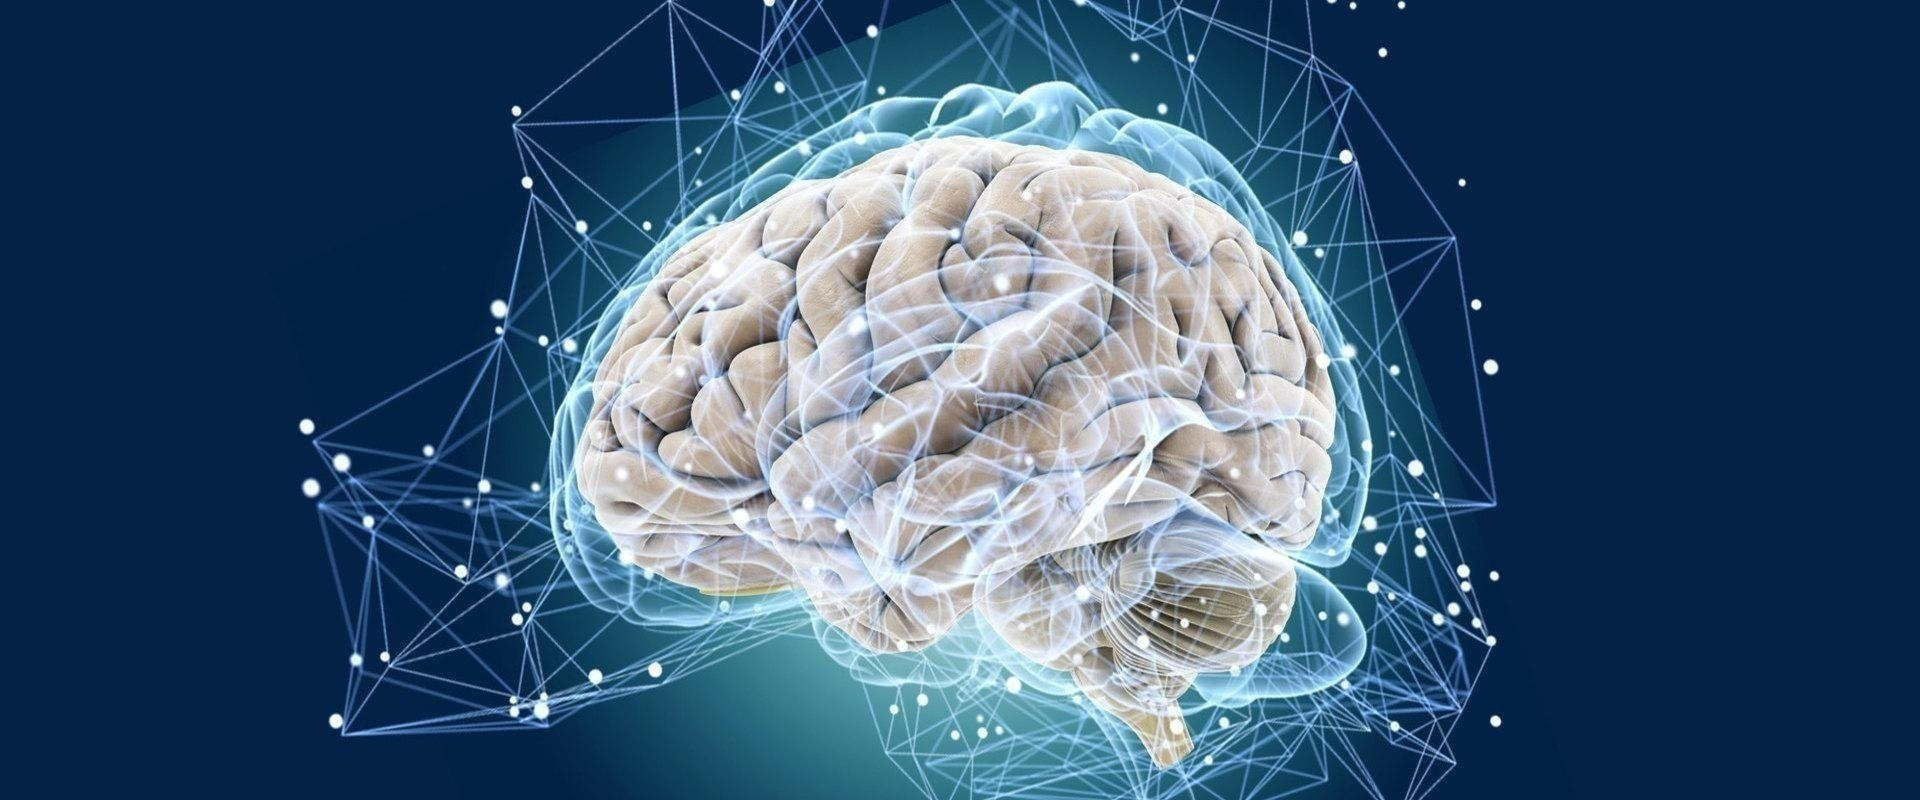 Корковая атрофия головного мозга